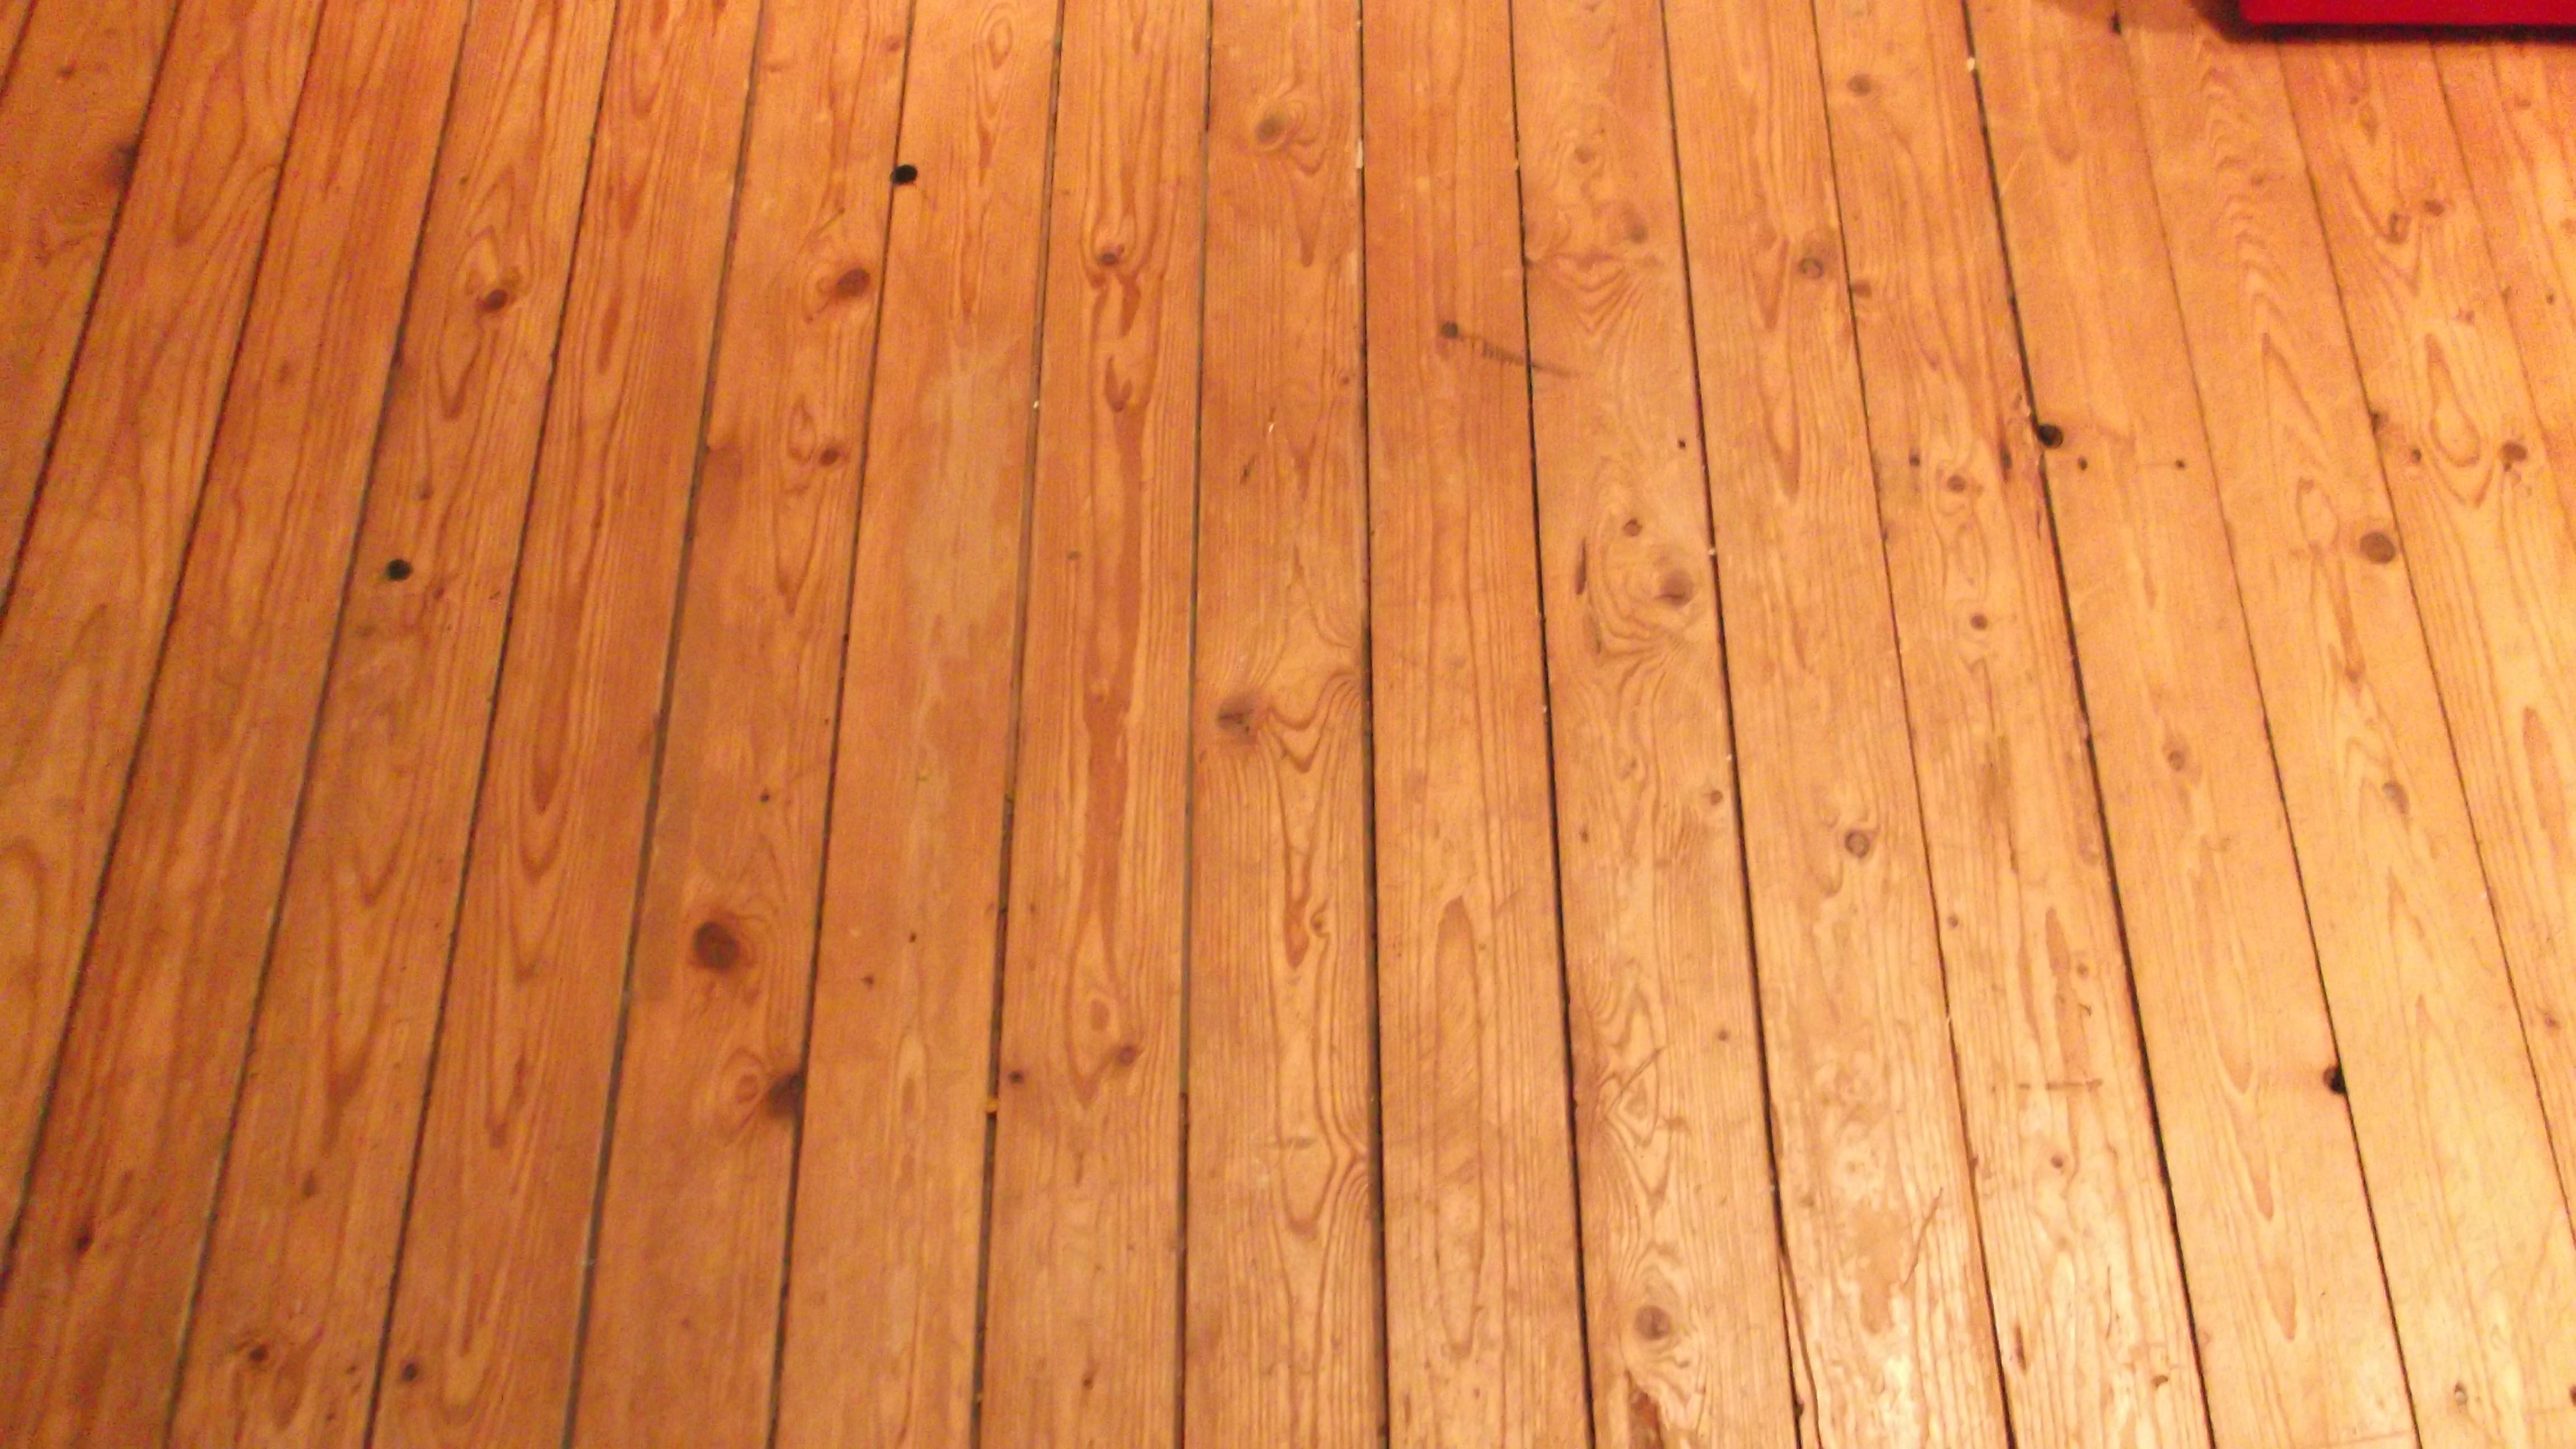 Holzfußboden Legen ~ Welche vorbereitungen sind nötig für fliesenlegen auf holzboden